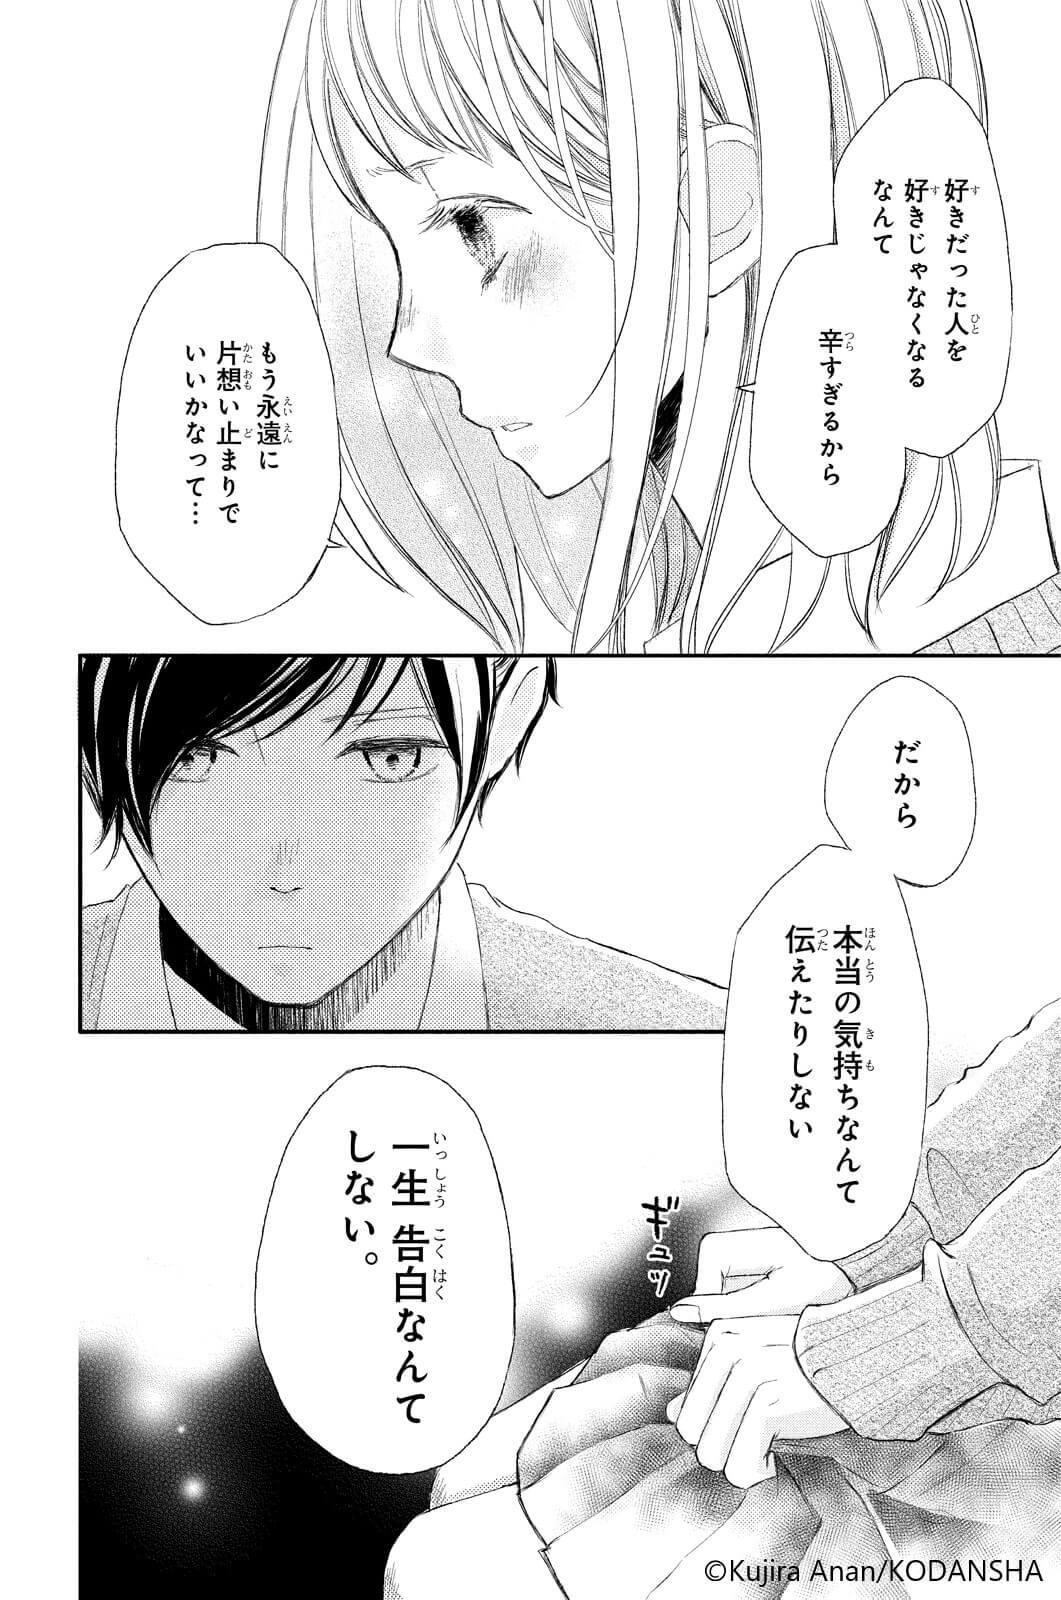 片思いごっこ3-1